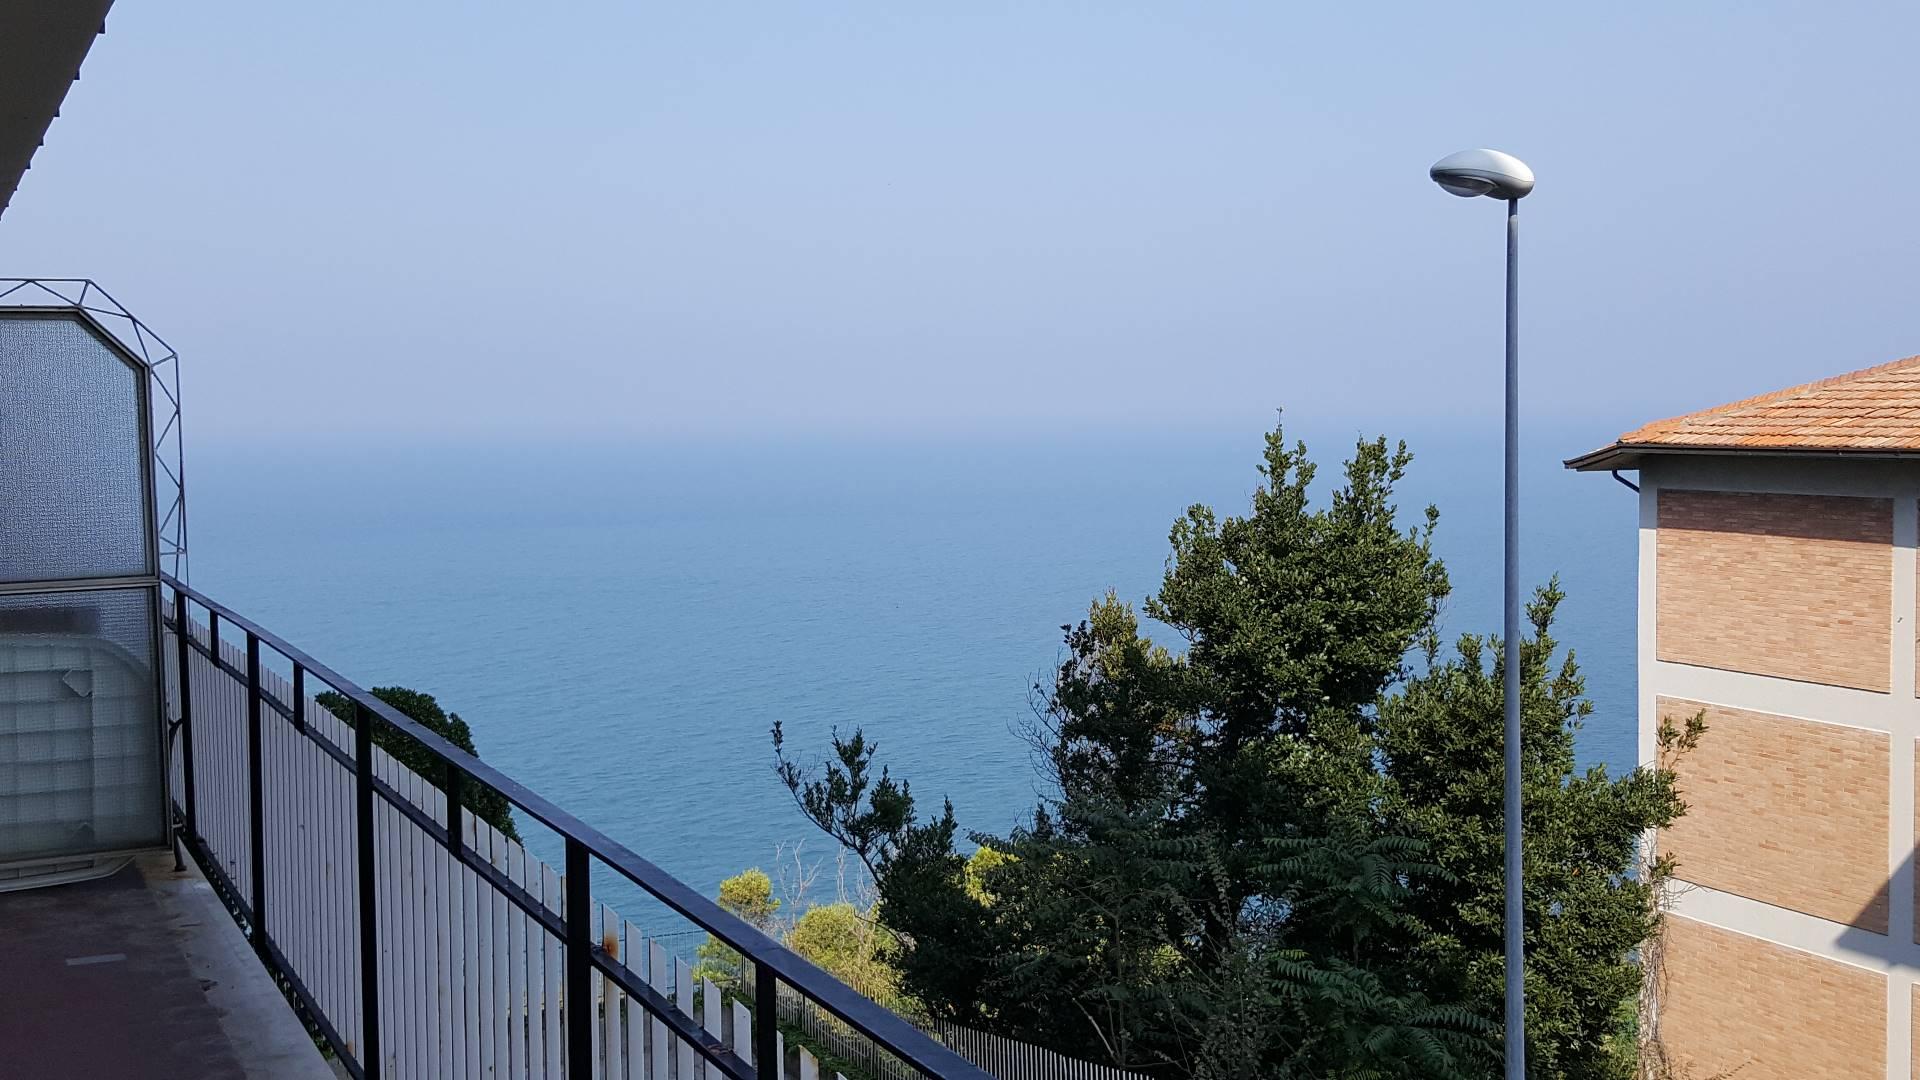 Appartamento in affitto a Ancona, 5 locali, zona Località: Q.Adriatico, prezzo € 800 | Cambio Casa.it